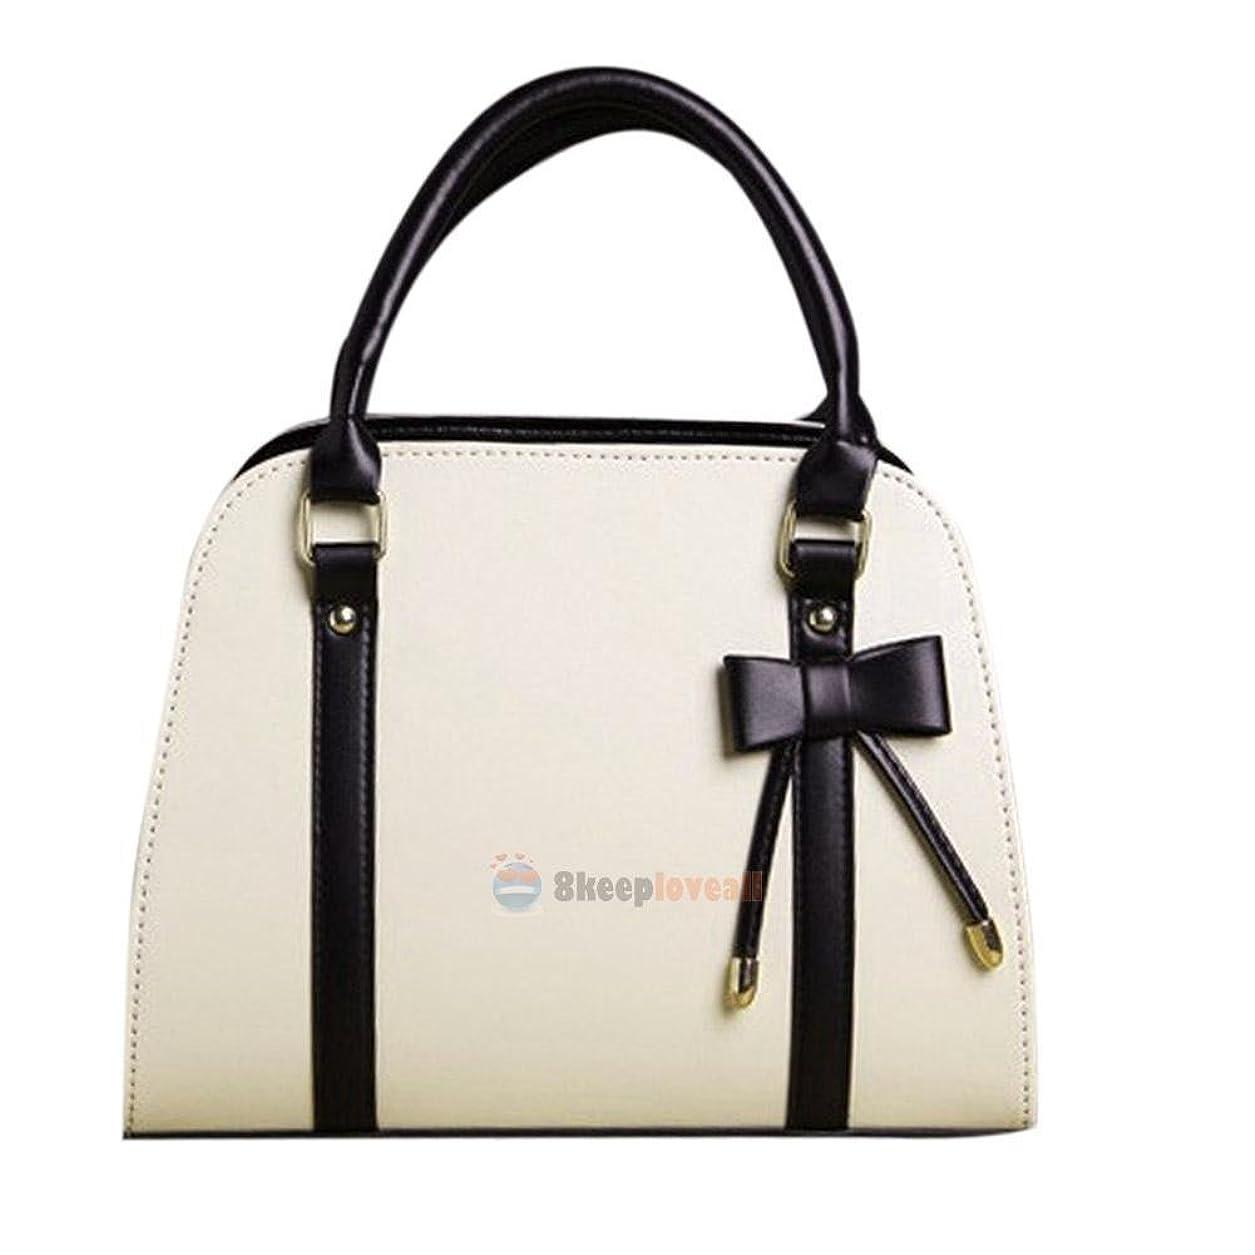 プランテーション延ばす解くトートバック/ショルダーバック/ハンドバック/Women Leather Handbag Shoulder Bag Ladies Purse Tote Messenger Satchel Crossbody